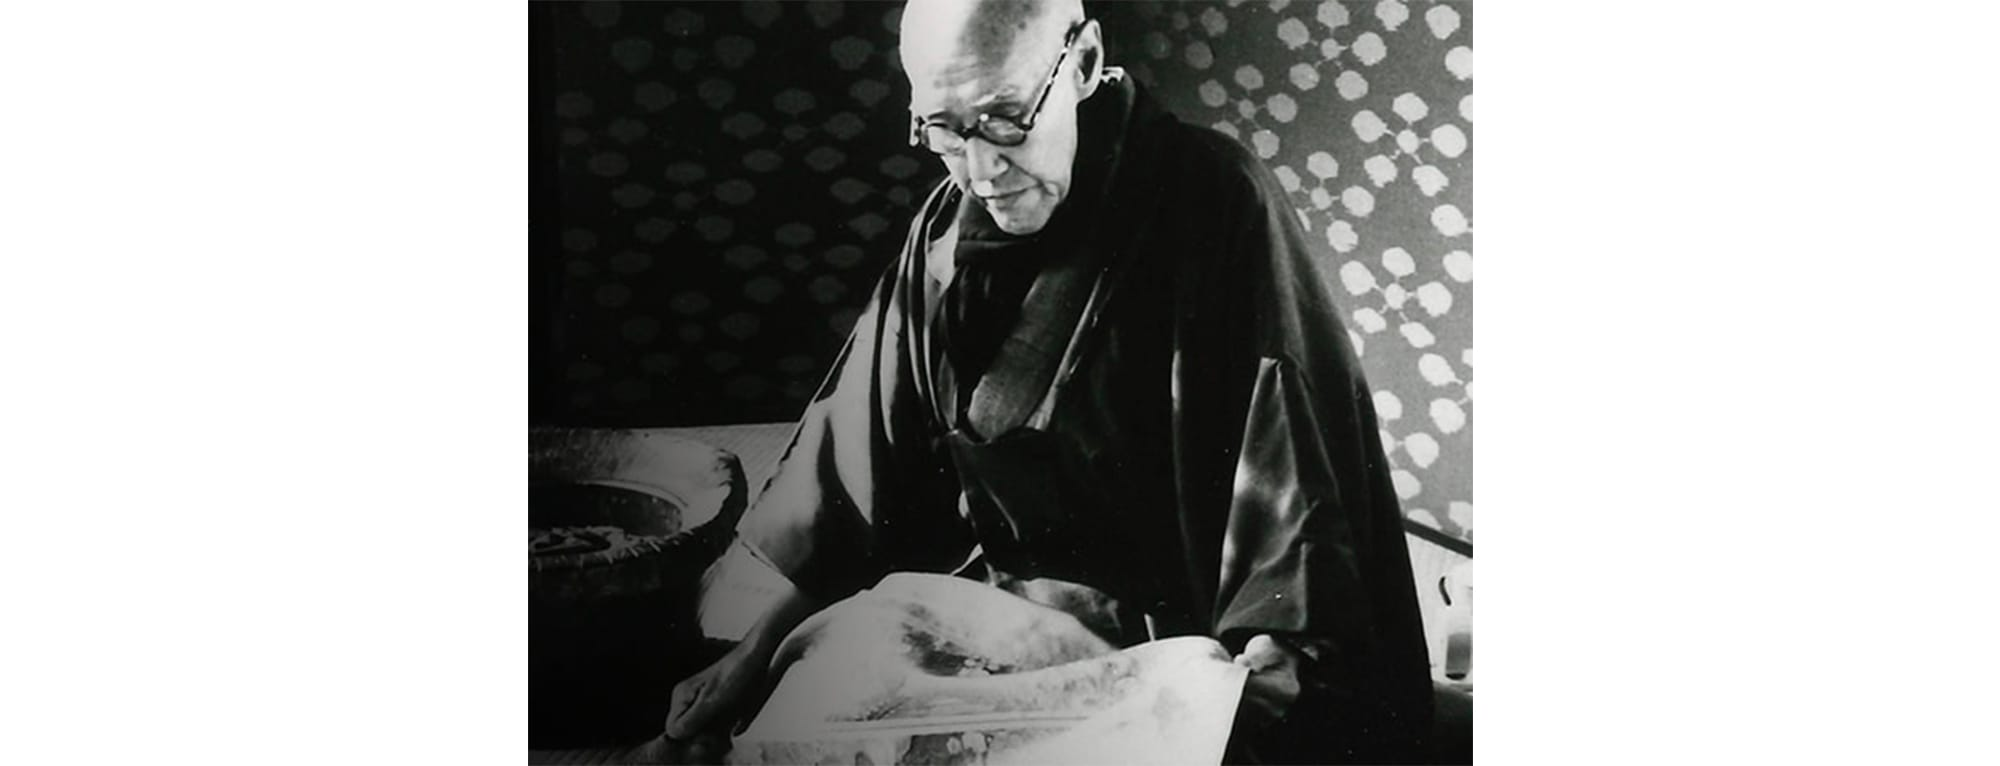 初代龍村平藏(1876〜1962)。1956年日本芸術院恩賜賞受賞。1958年紫綬褒章受章。